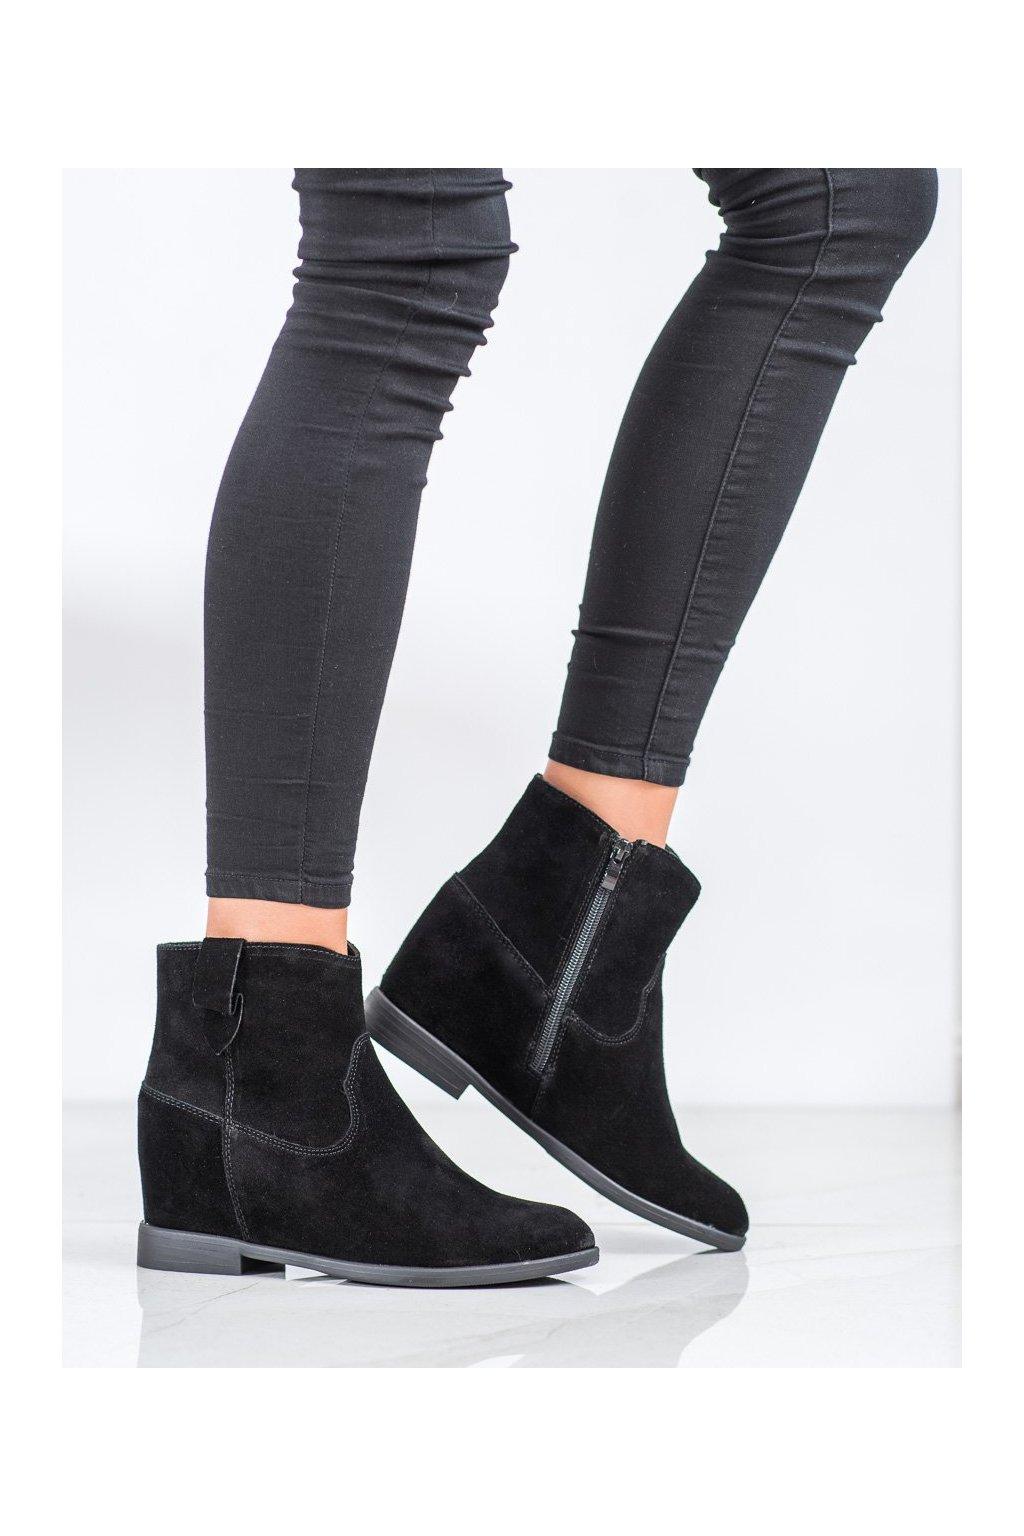 Čierne dámske topánky Filippo kod DBT1087/20B